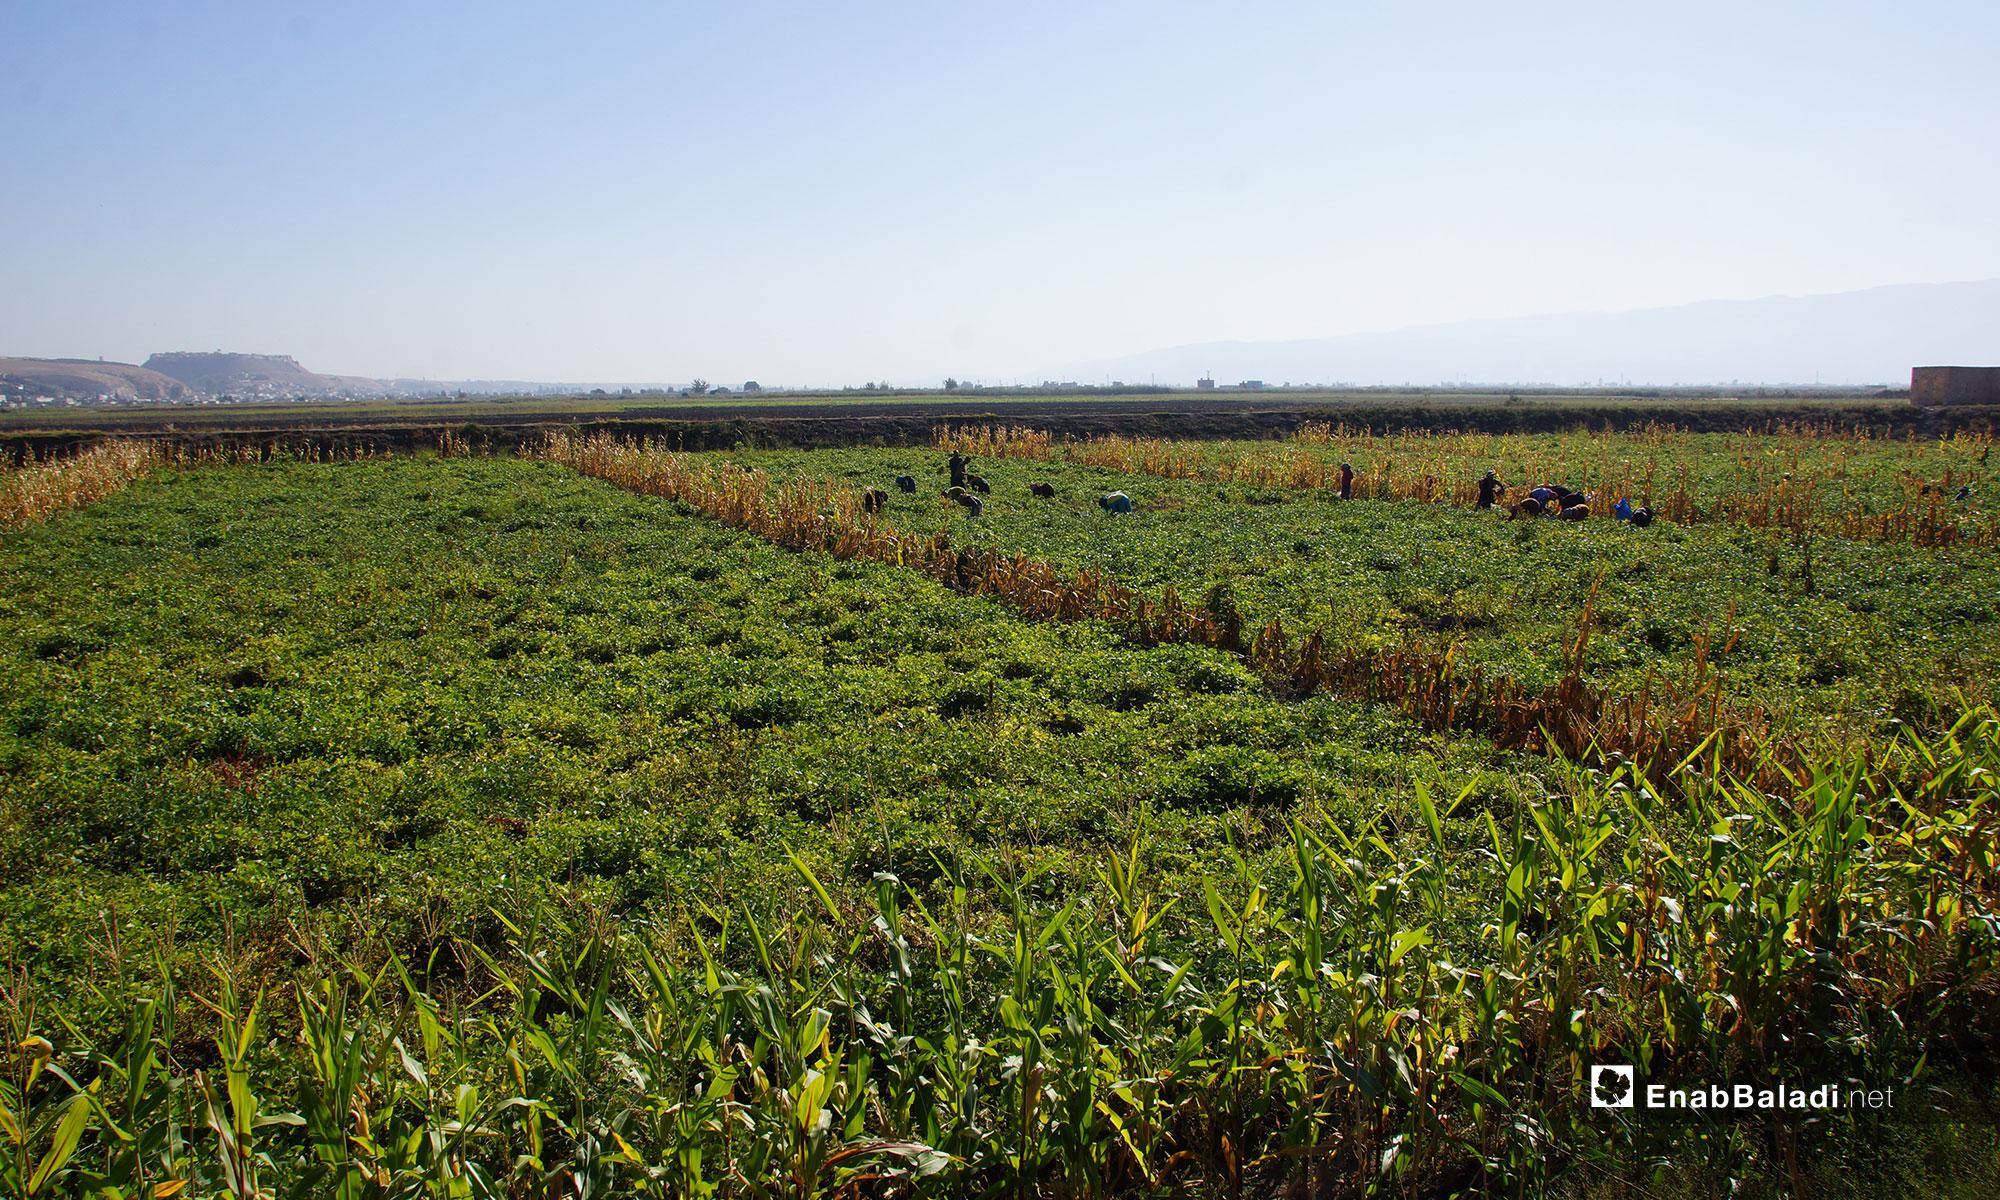 حصد محصول الكلاوي في سهل الغاب بريف حماة - 31 من تشرين الأول 2018 (عنب بلدي)